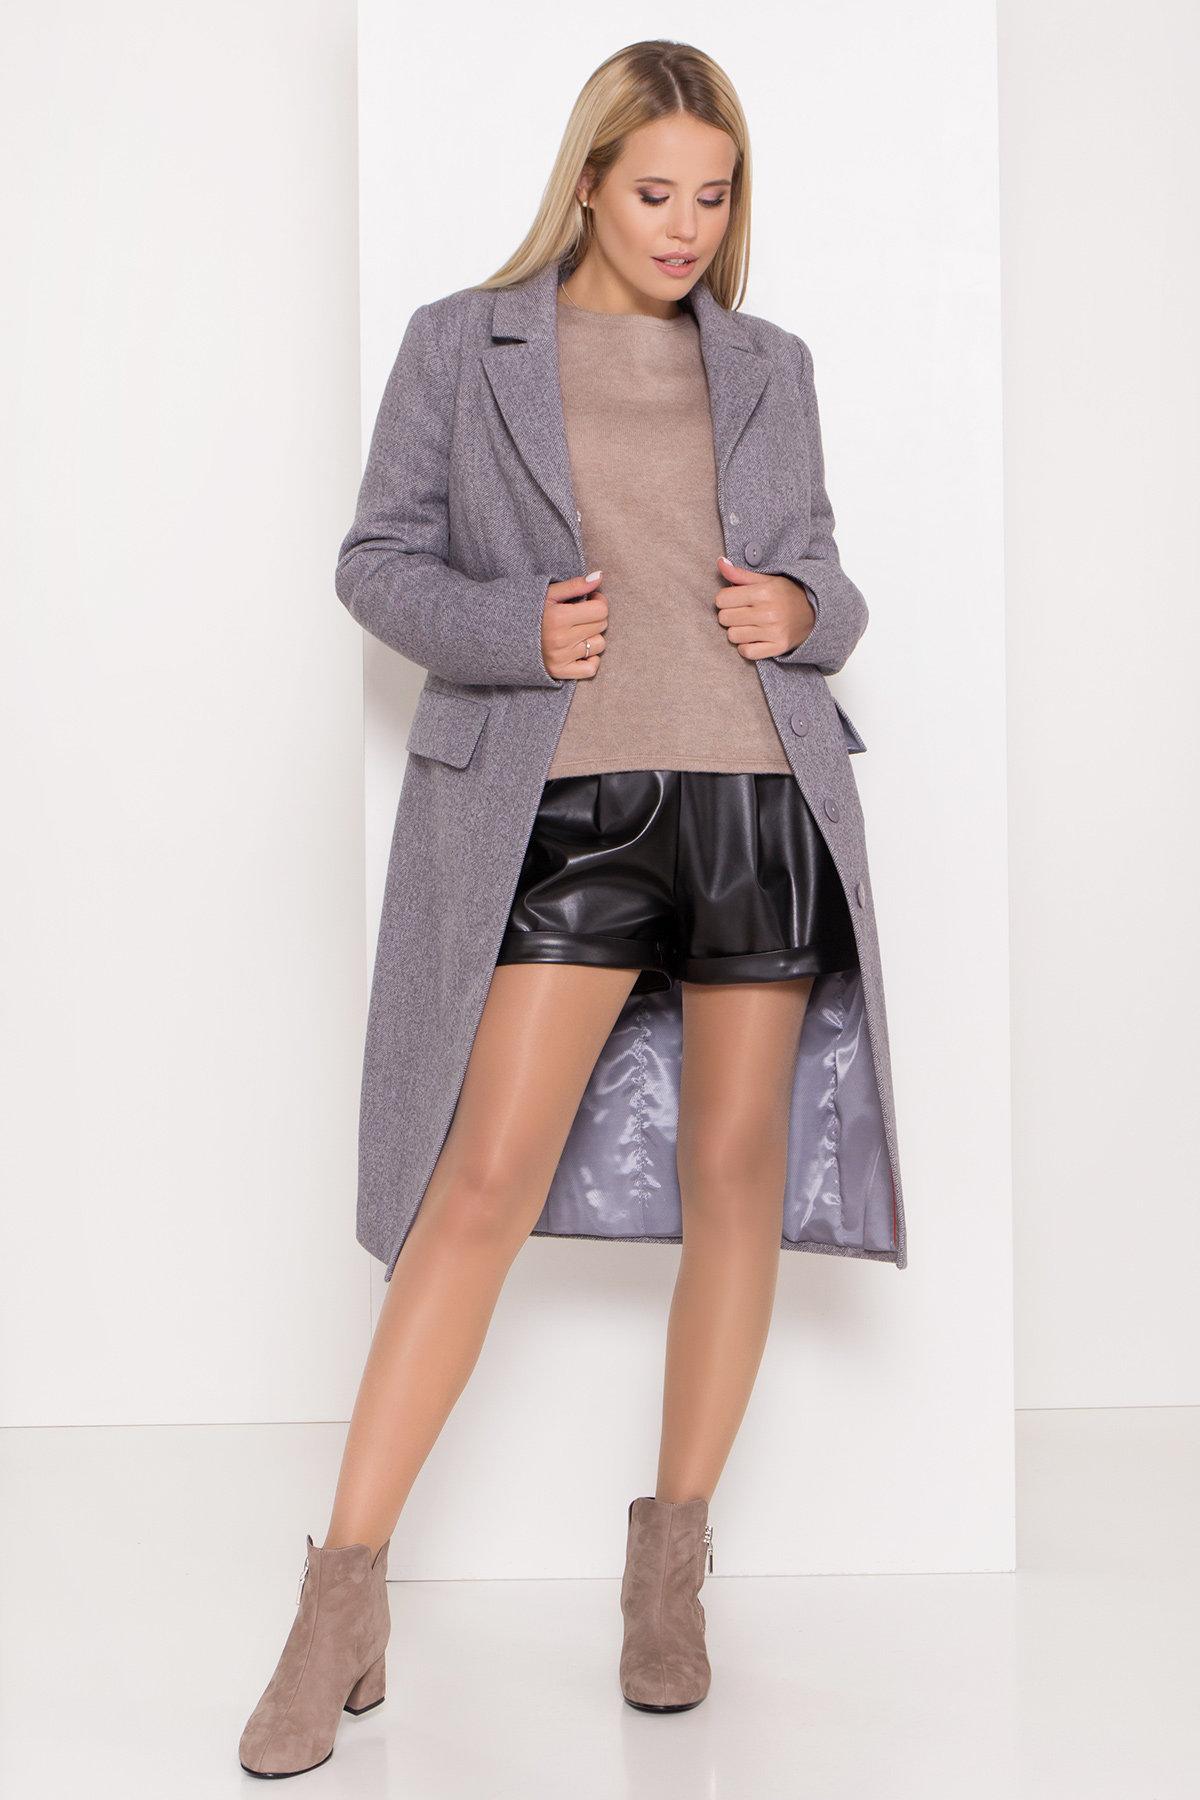 Полуприталенное зимнее пальто с отложным воротником Лабио 8182 АРТ. 44189 Цвет: Серый 2 - фото 2, интернет магазин tm-modus.ru